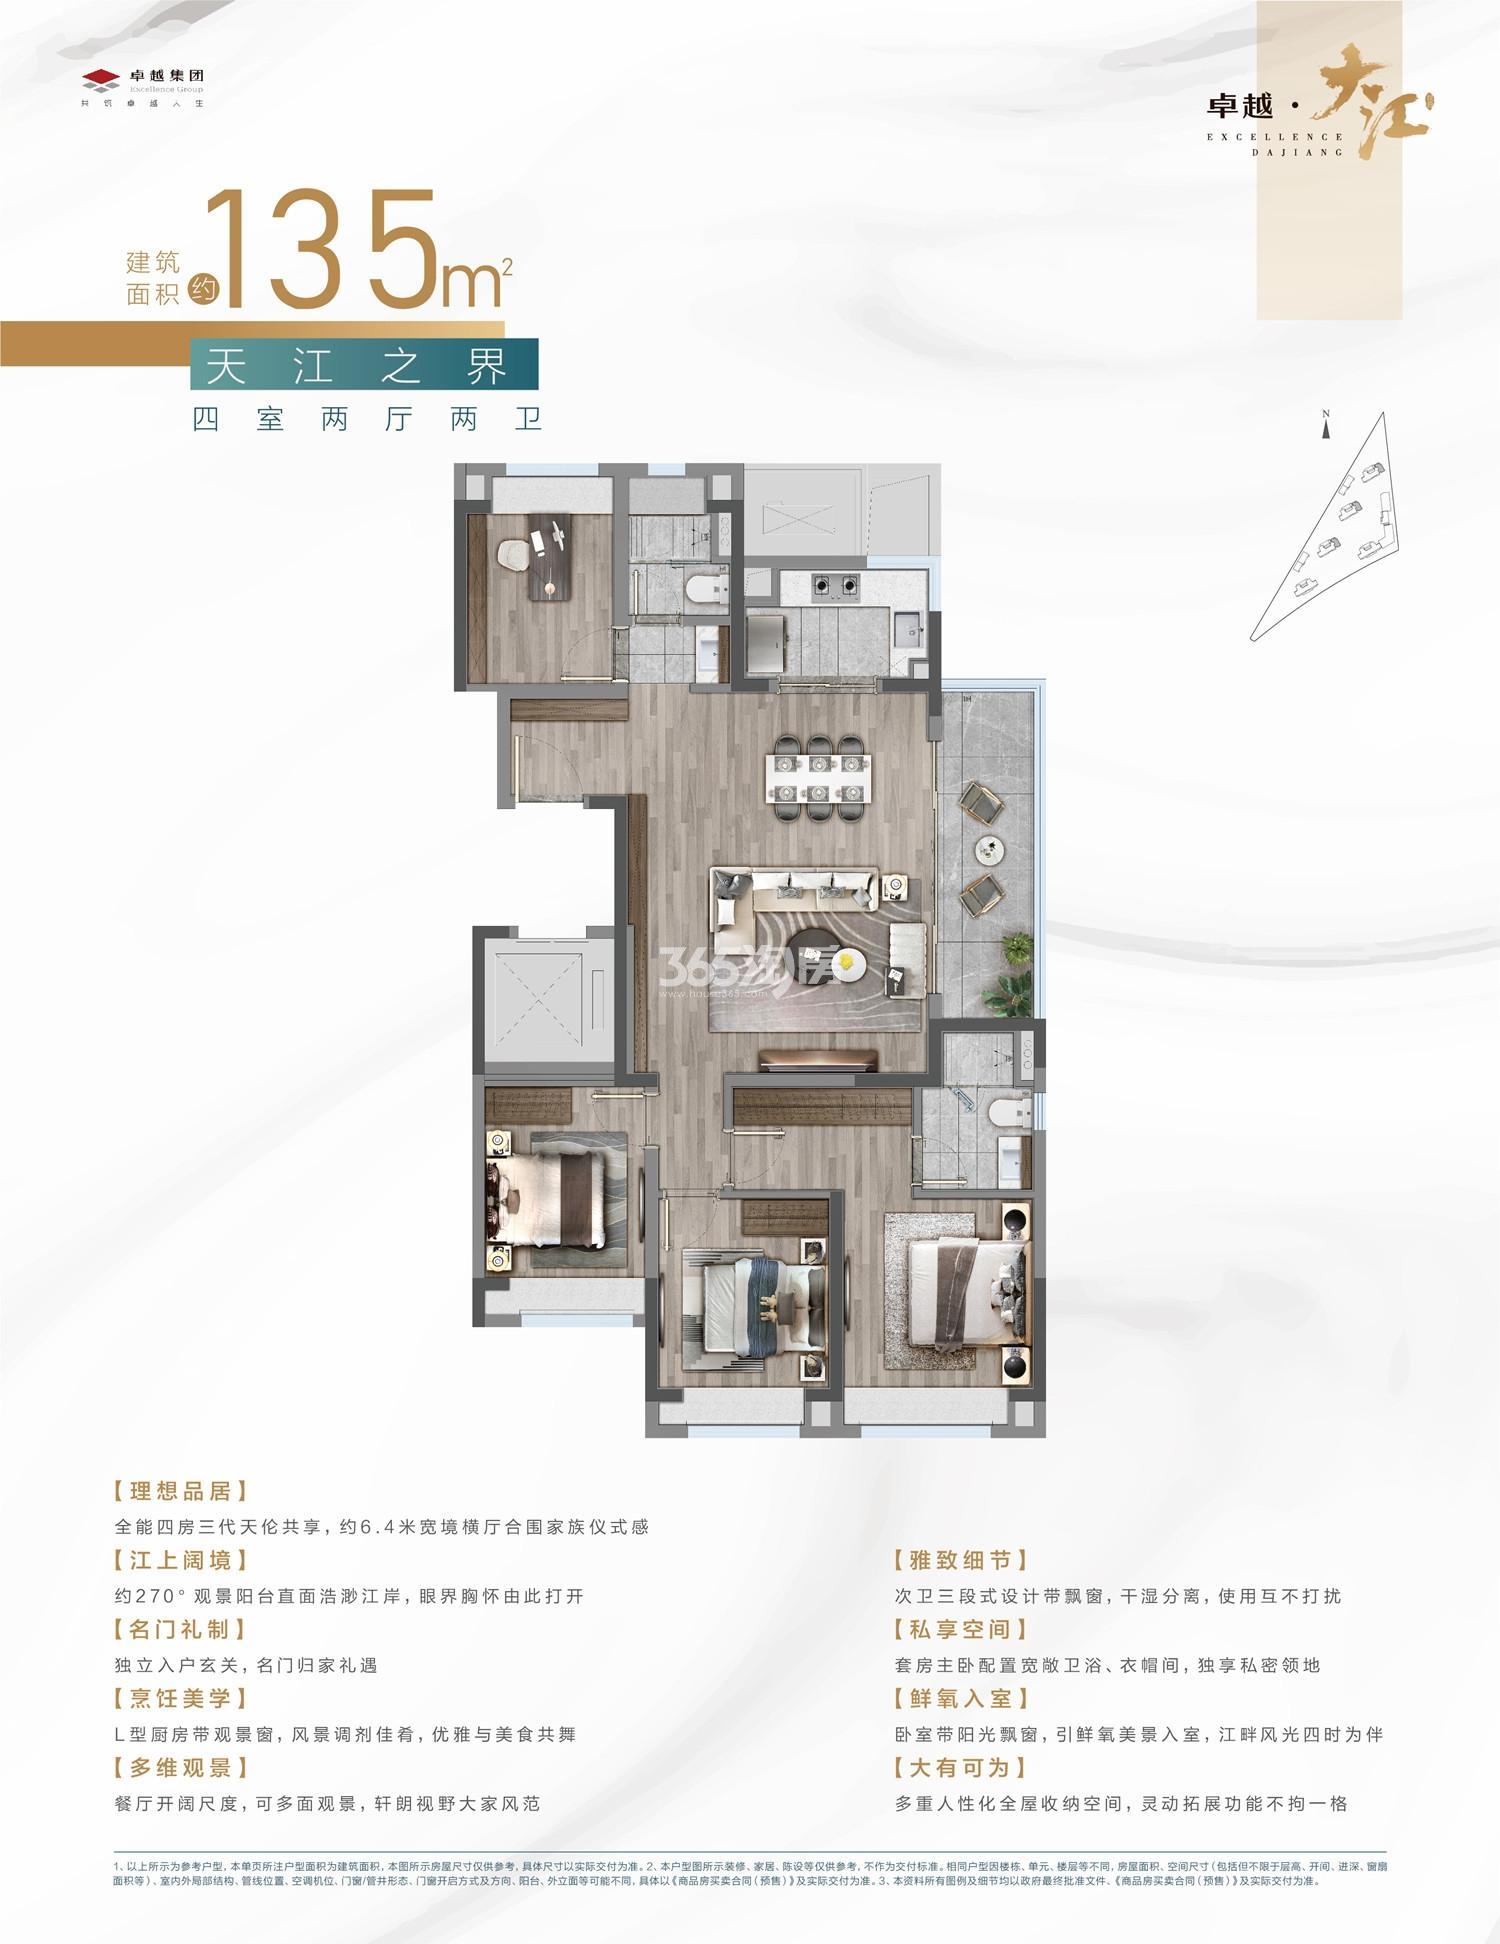 卓越大江135㎡四室两厅两卫户型